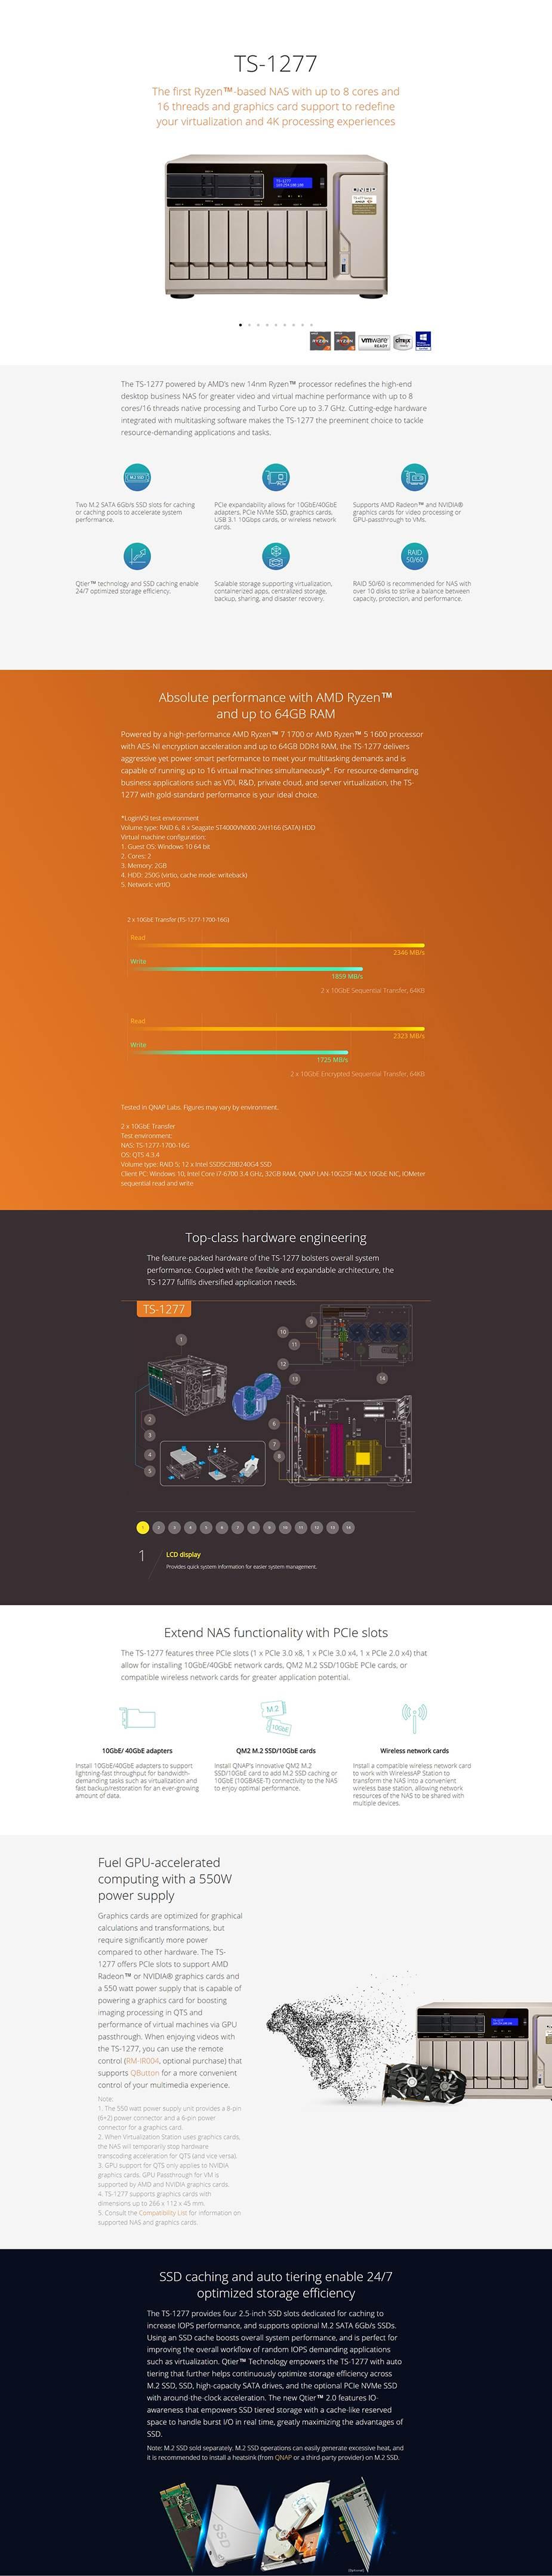 QNAP TS-1277-1700-16G 12 Bay Diskless NAS AMD Ryzen 7 1700 CPU 16GB RAM - Desktop Overview 1